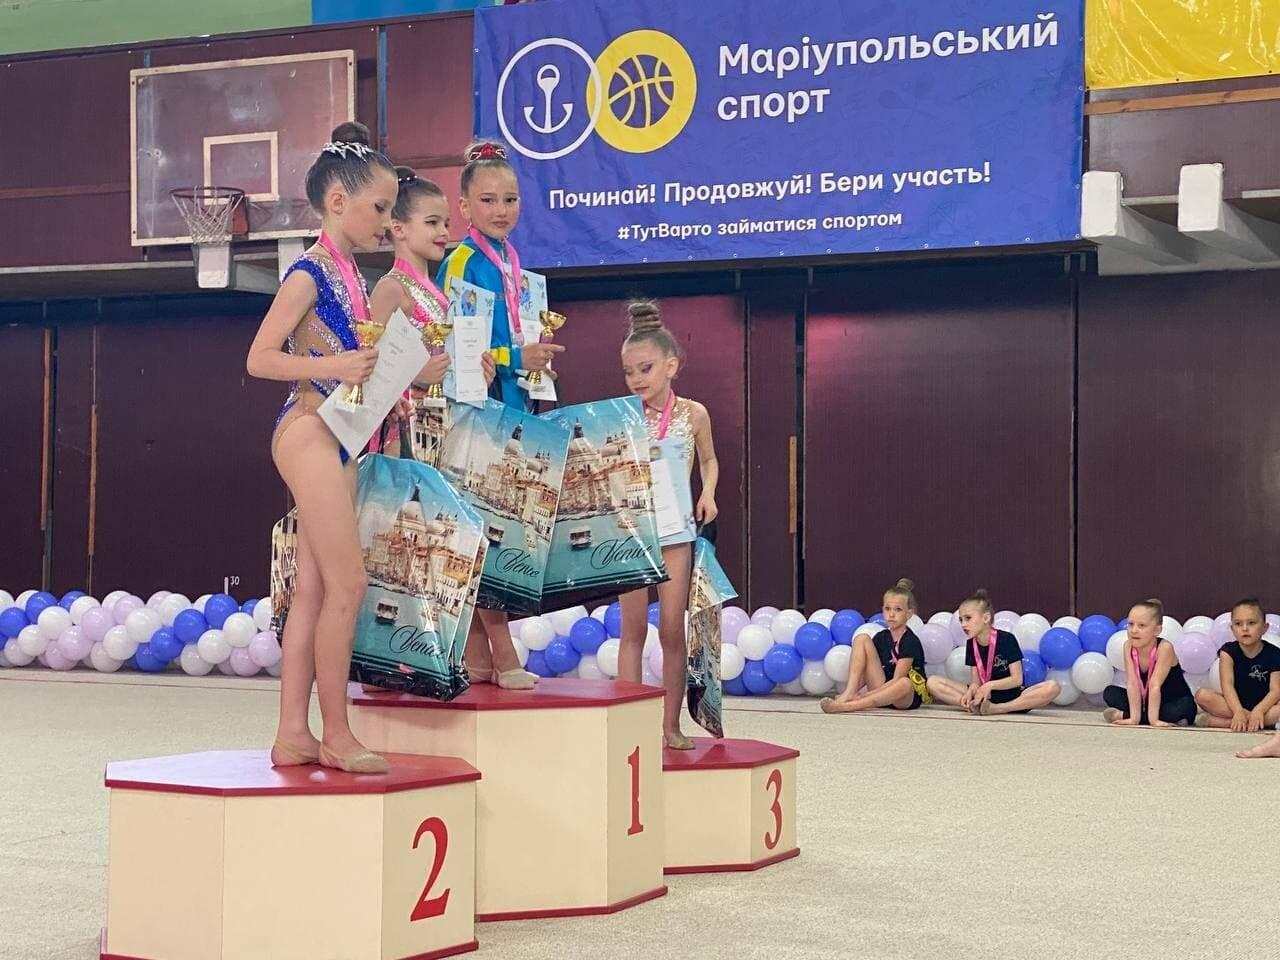 Гимнастки Бердянской ДЮСШ завоевали более 30 медалей в двух открытых первенствах, фото-1